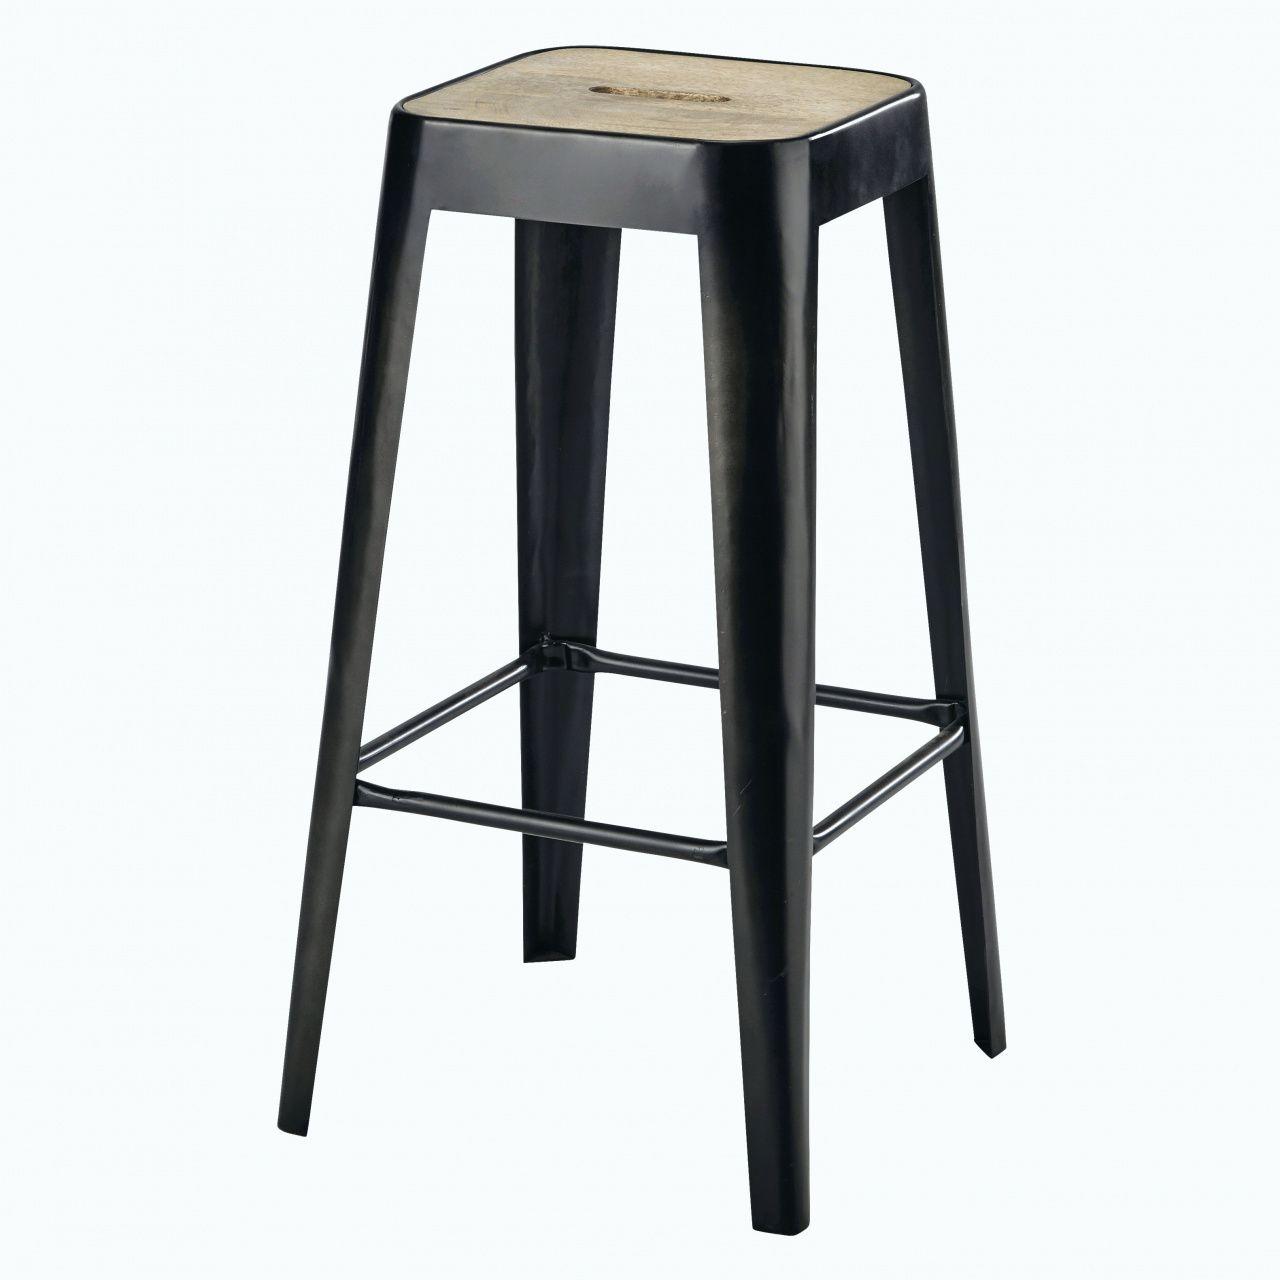 200 Tabouret Salle De Bain Leroy Merlin | Bar stools, Metal ...